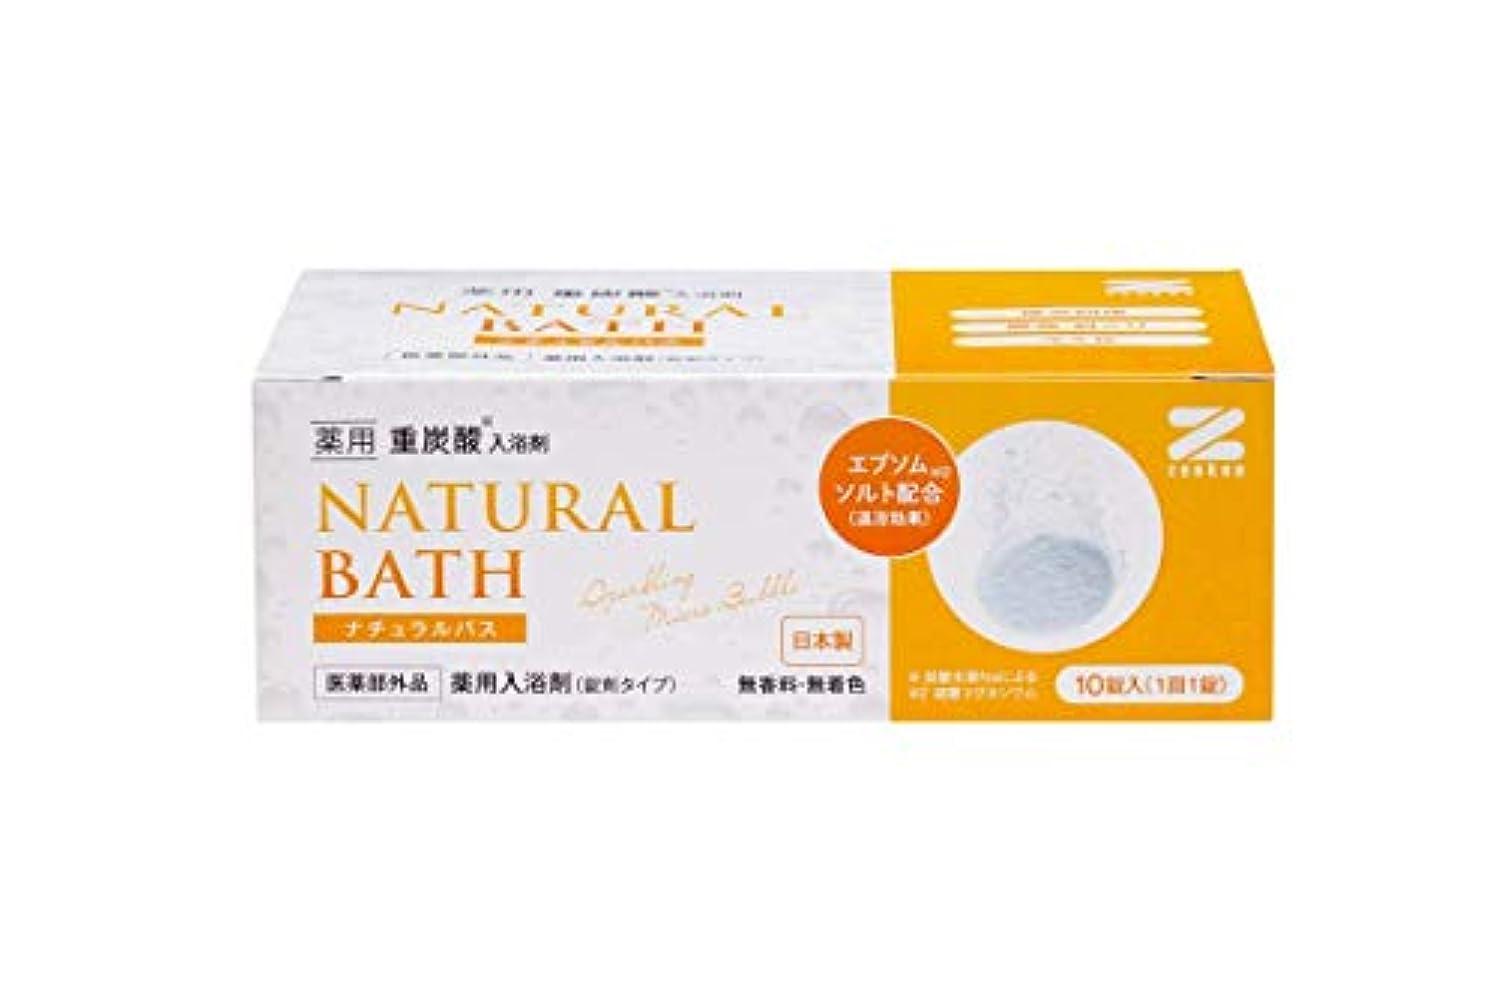 最適バスルームルアー【7個セット】薬用 重炭酸入浴剤 ナチュラルバス 10個入